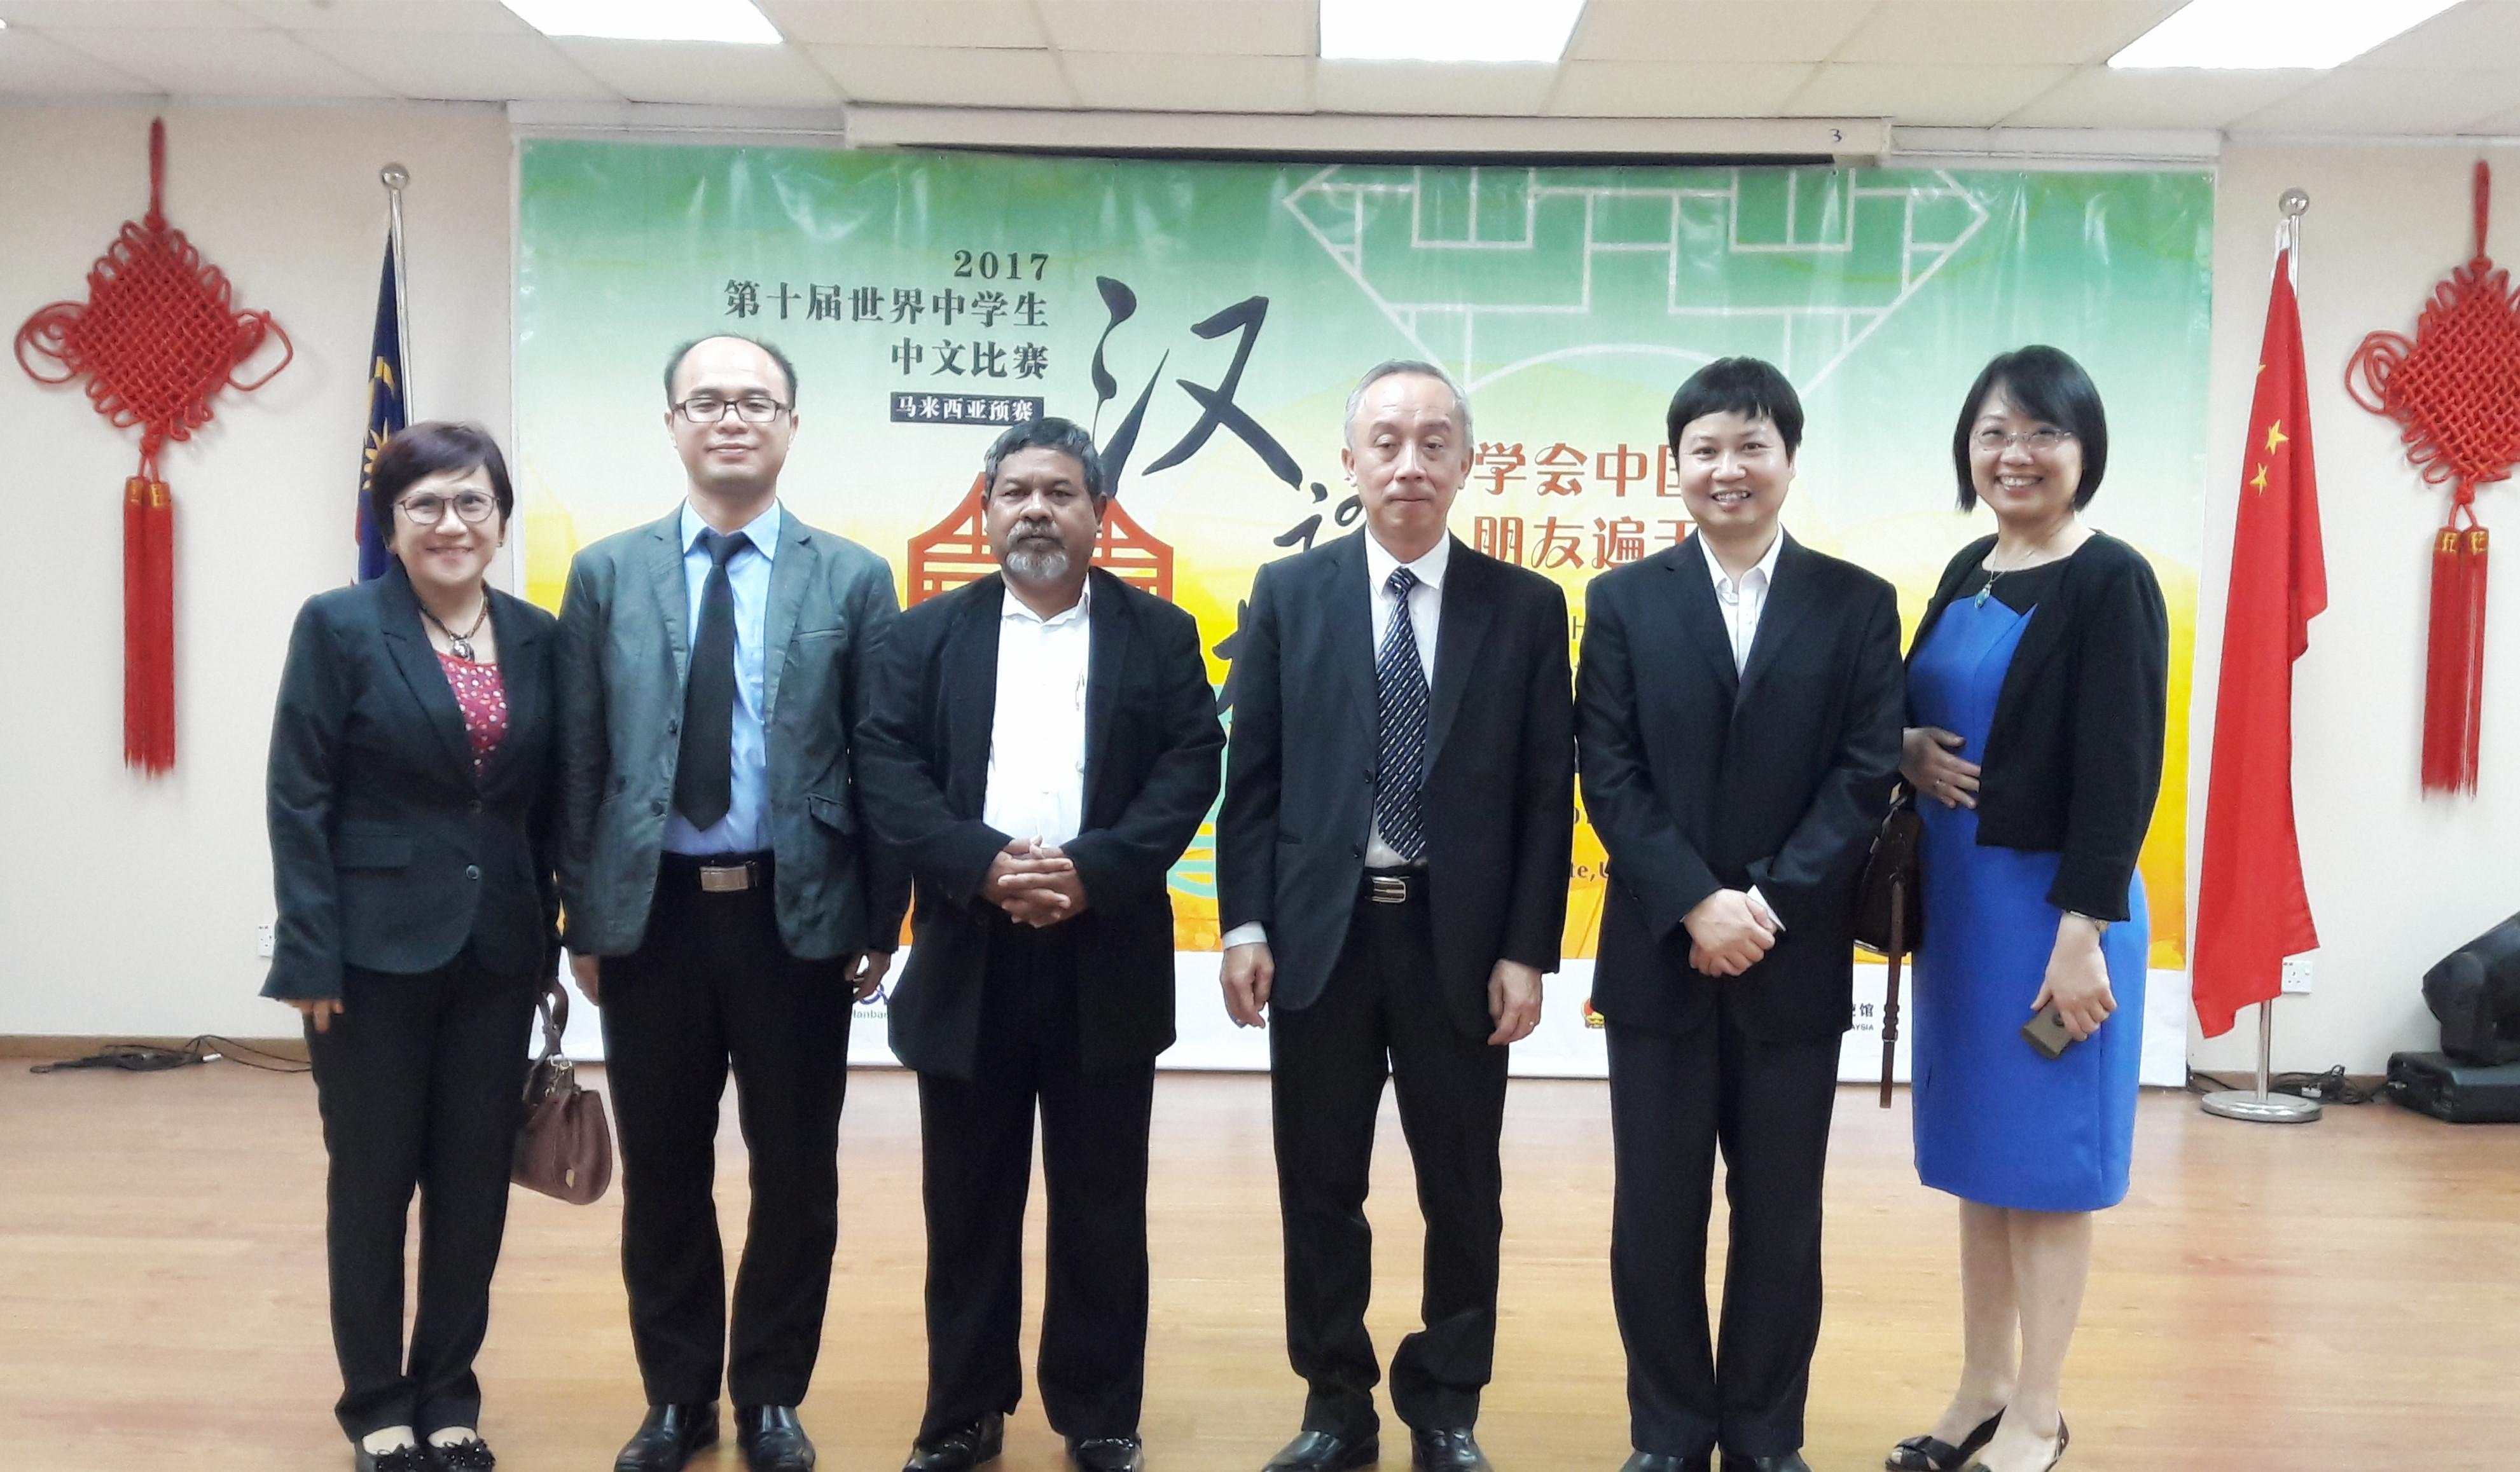 世纪大学代表团访问马来亚大学孔子汉语学院